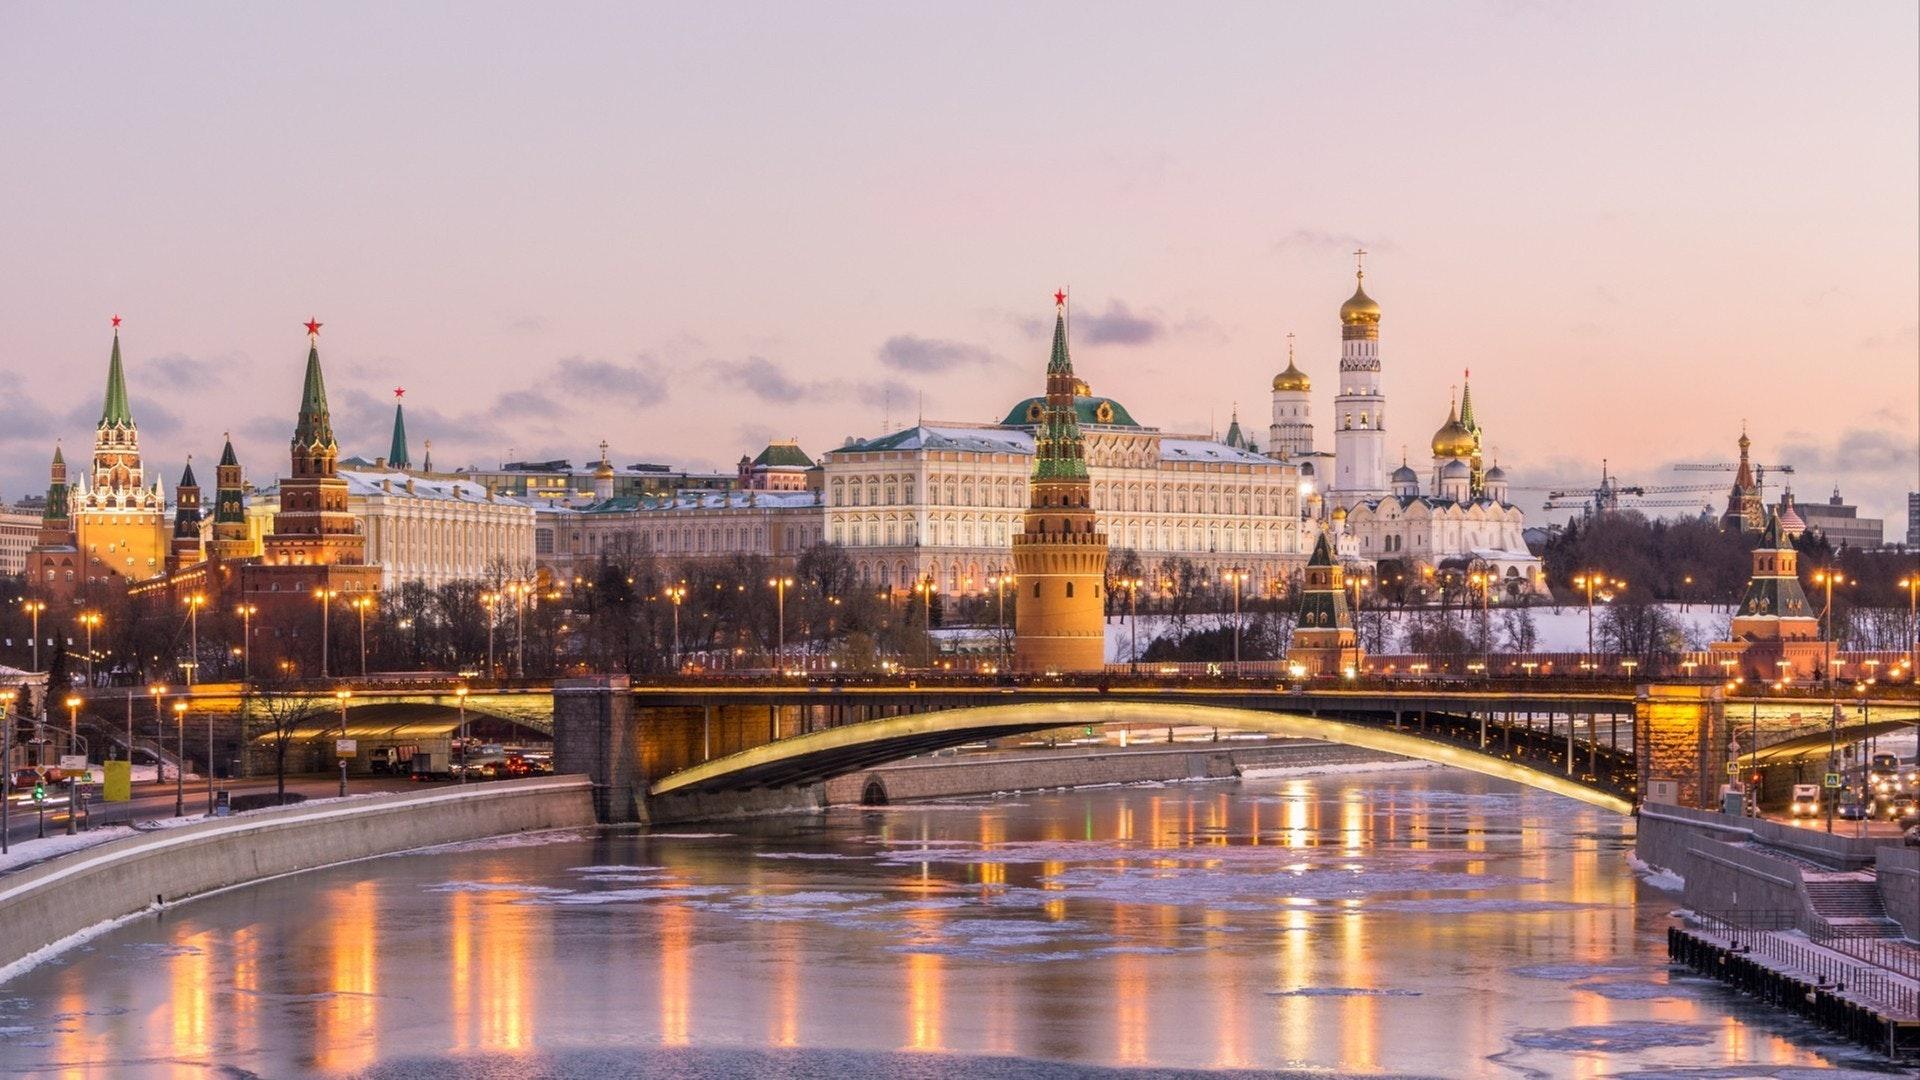 Panorama des alten Moskauer Kreml und Bolschoi-Kamenny-Brücke bei Sonnenuntergang